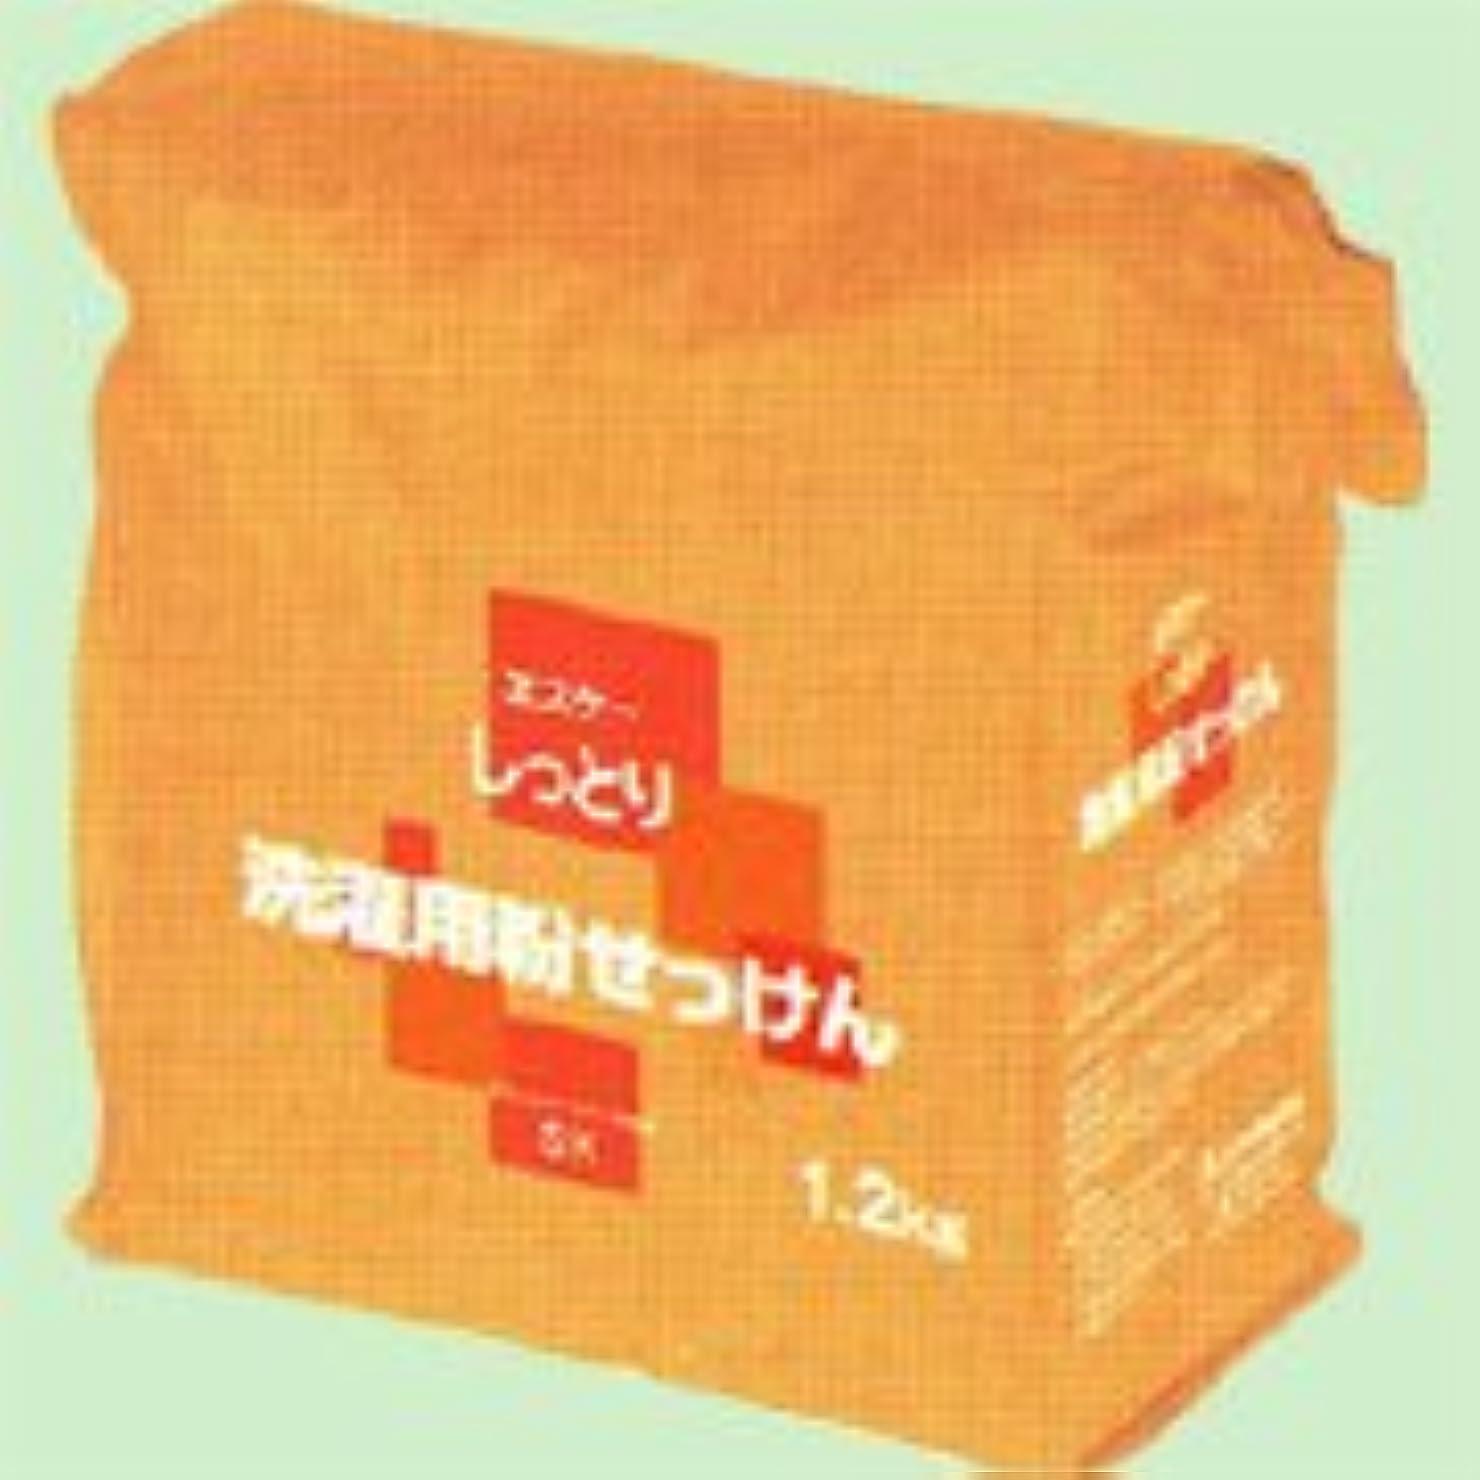 癌期限切れセンブランスしっとり洗濯用粉せっけん詰替用 1.2kg   エスケー石鹸